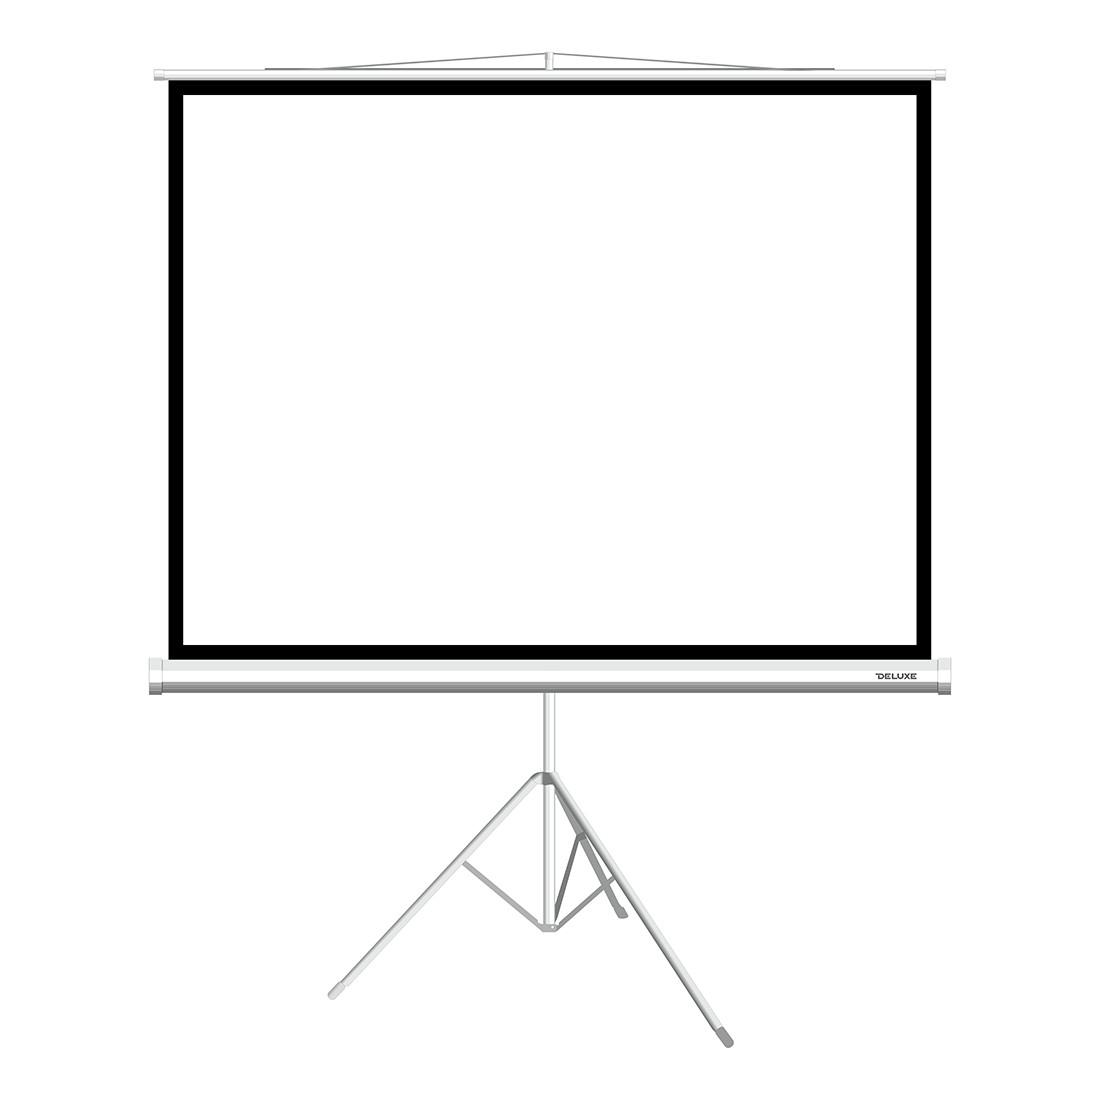 Экран на треноге Deluxe DLS-T153x116W